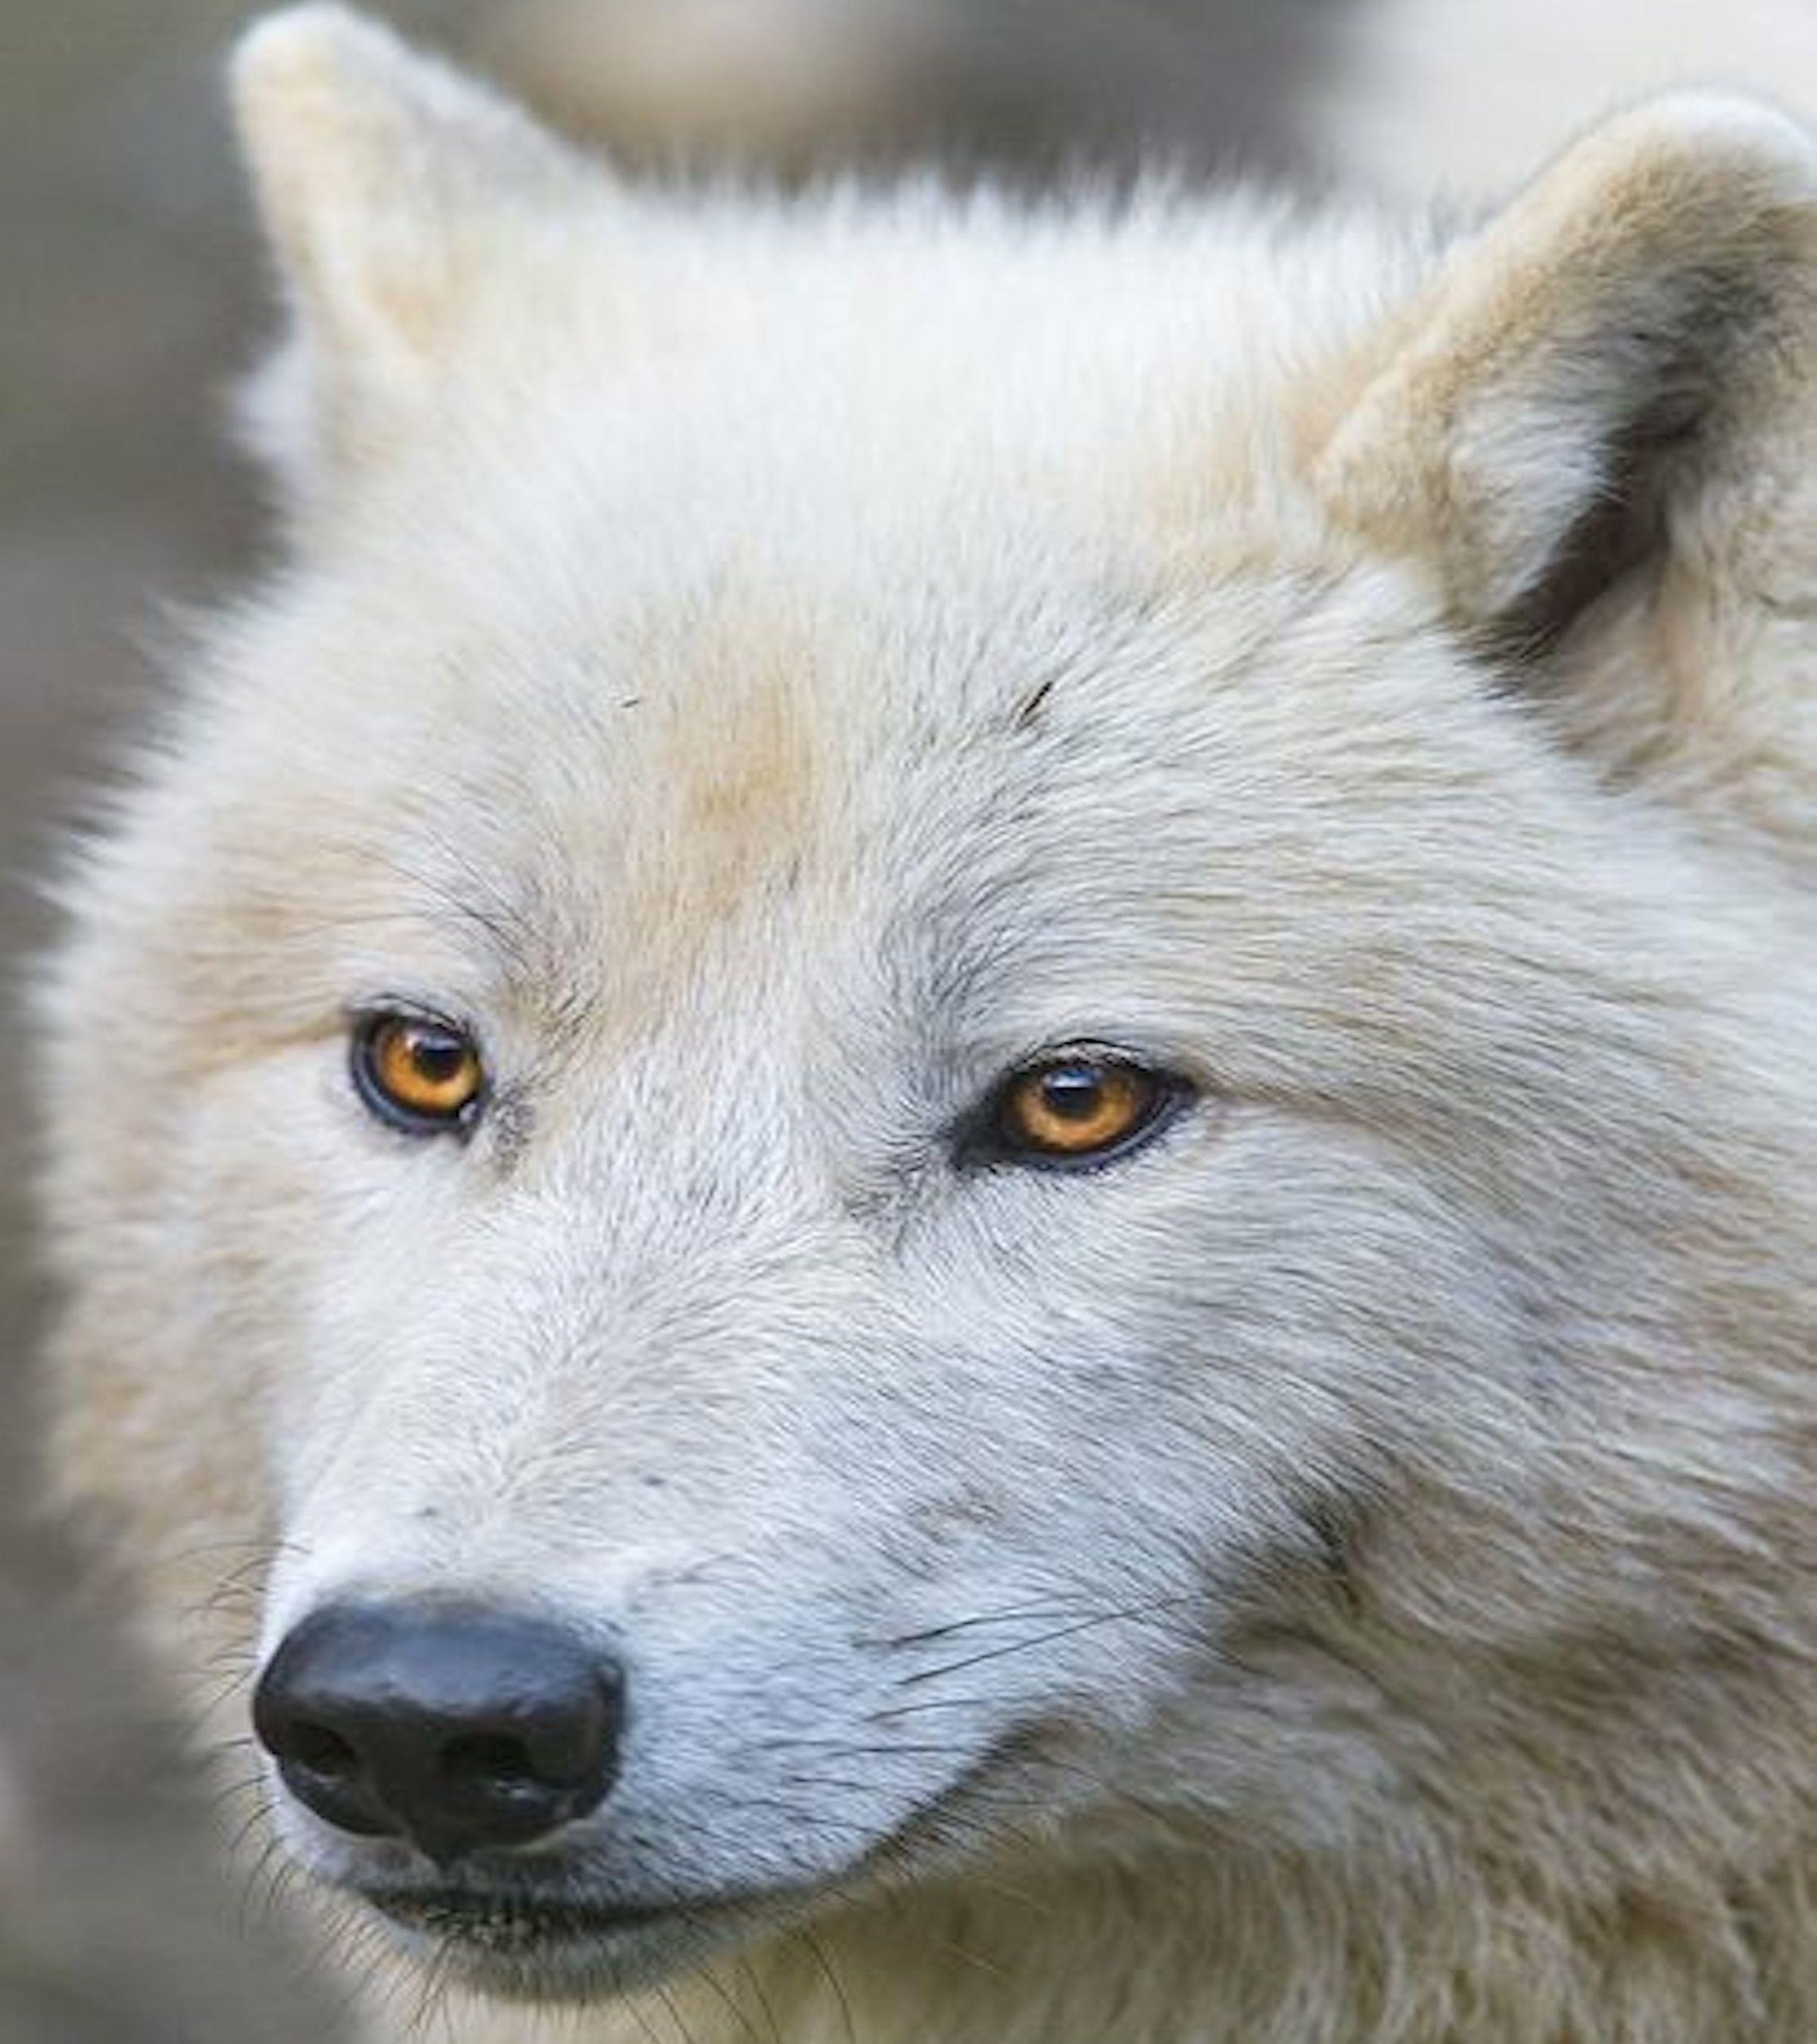 White Wolf Wallpaper-Free Desktop Wallpaper